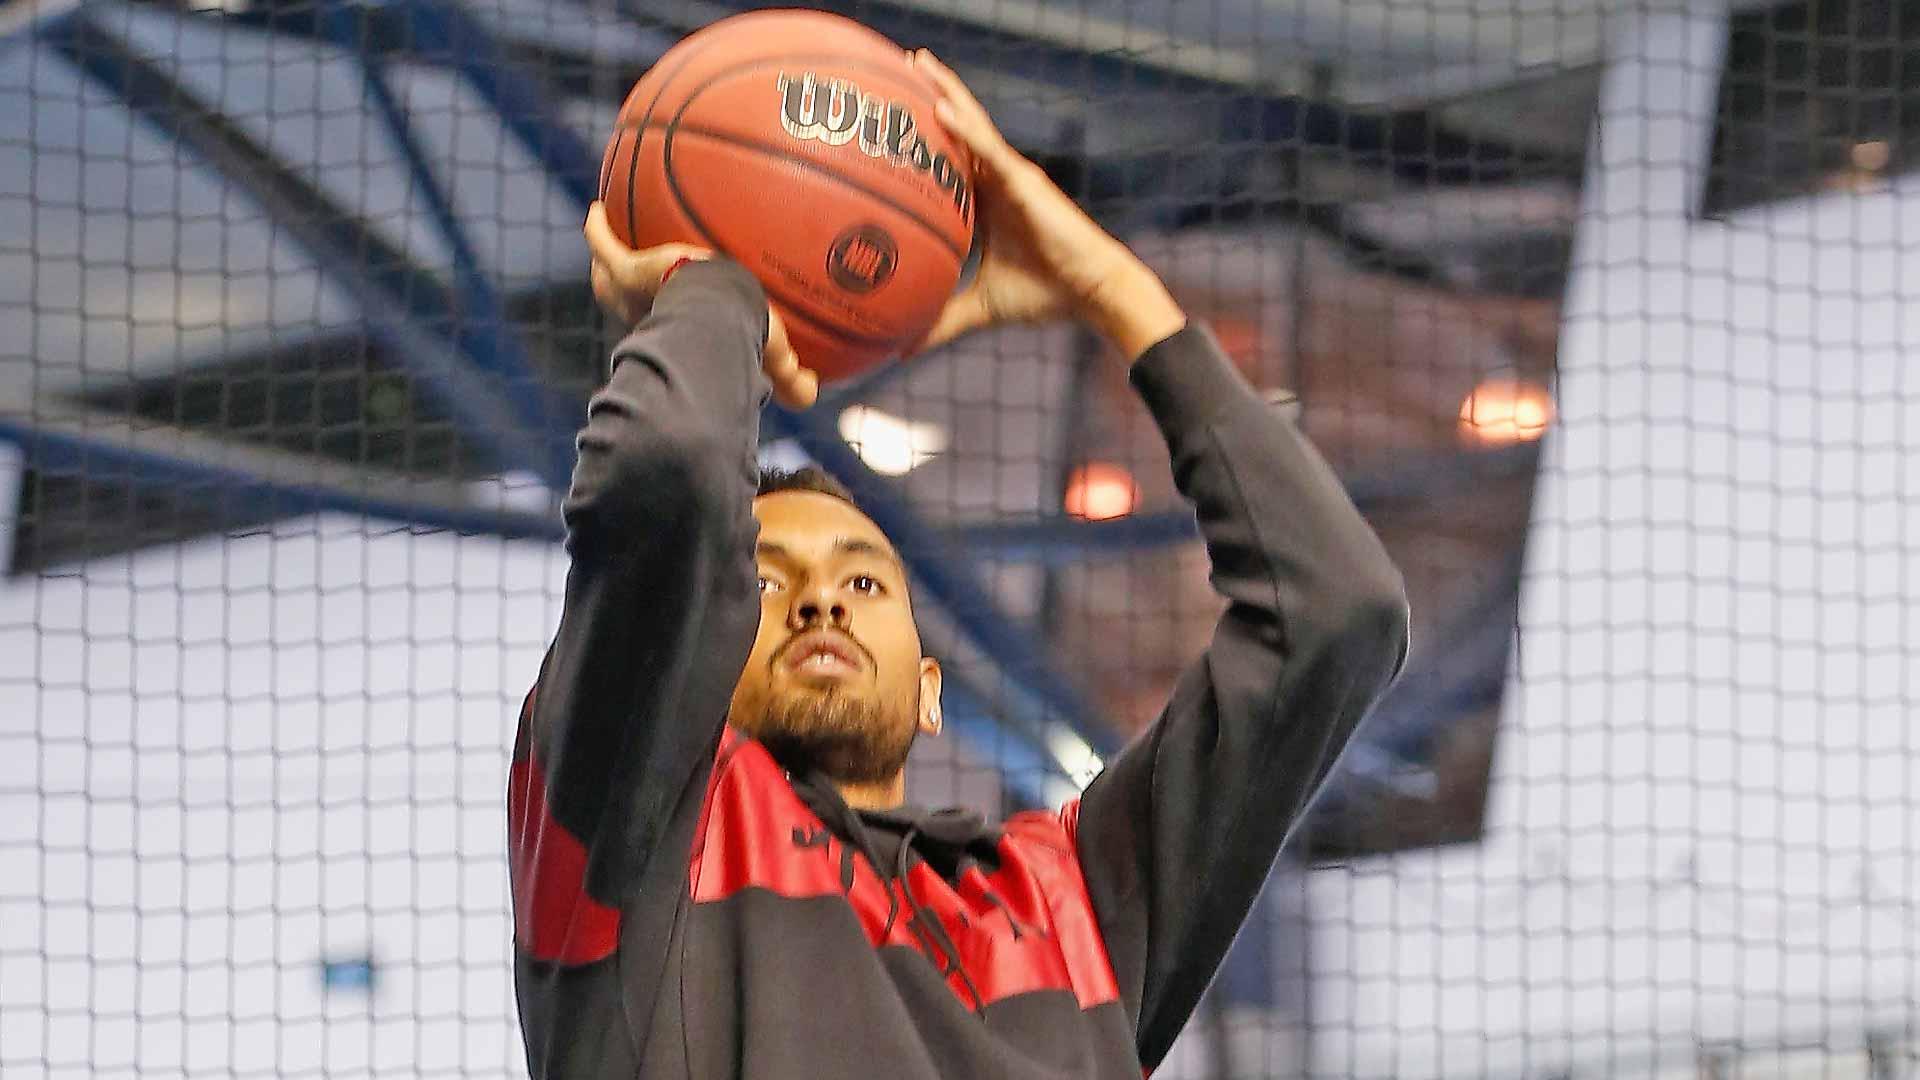 <a href='https://www.atptour.com/en/players/nick-kyrgios/ke17/overview'>Nick Kyrgios</a> shoots a basketball